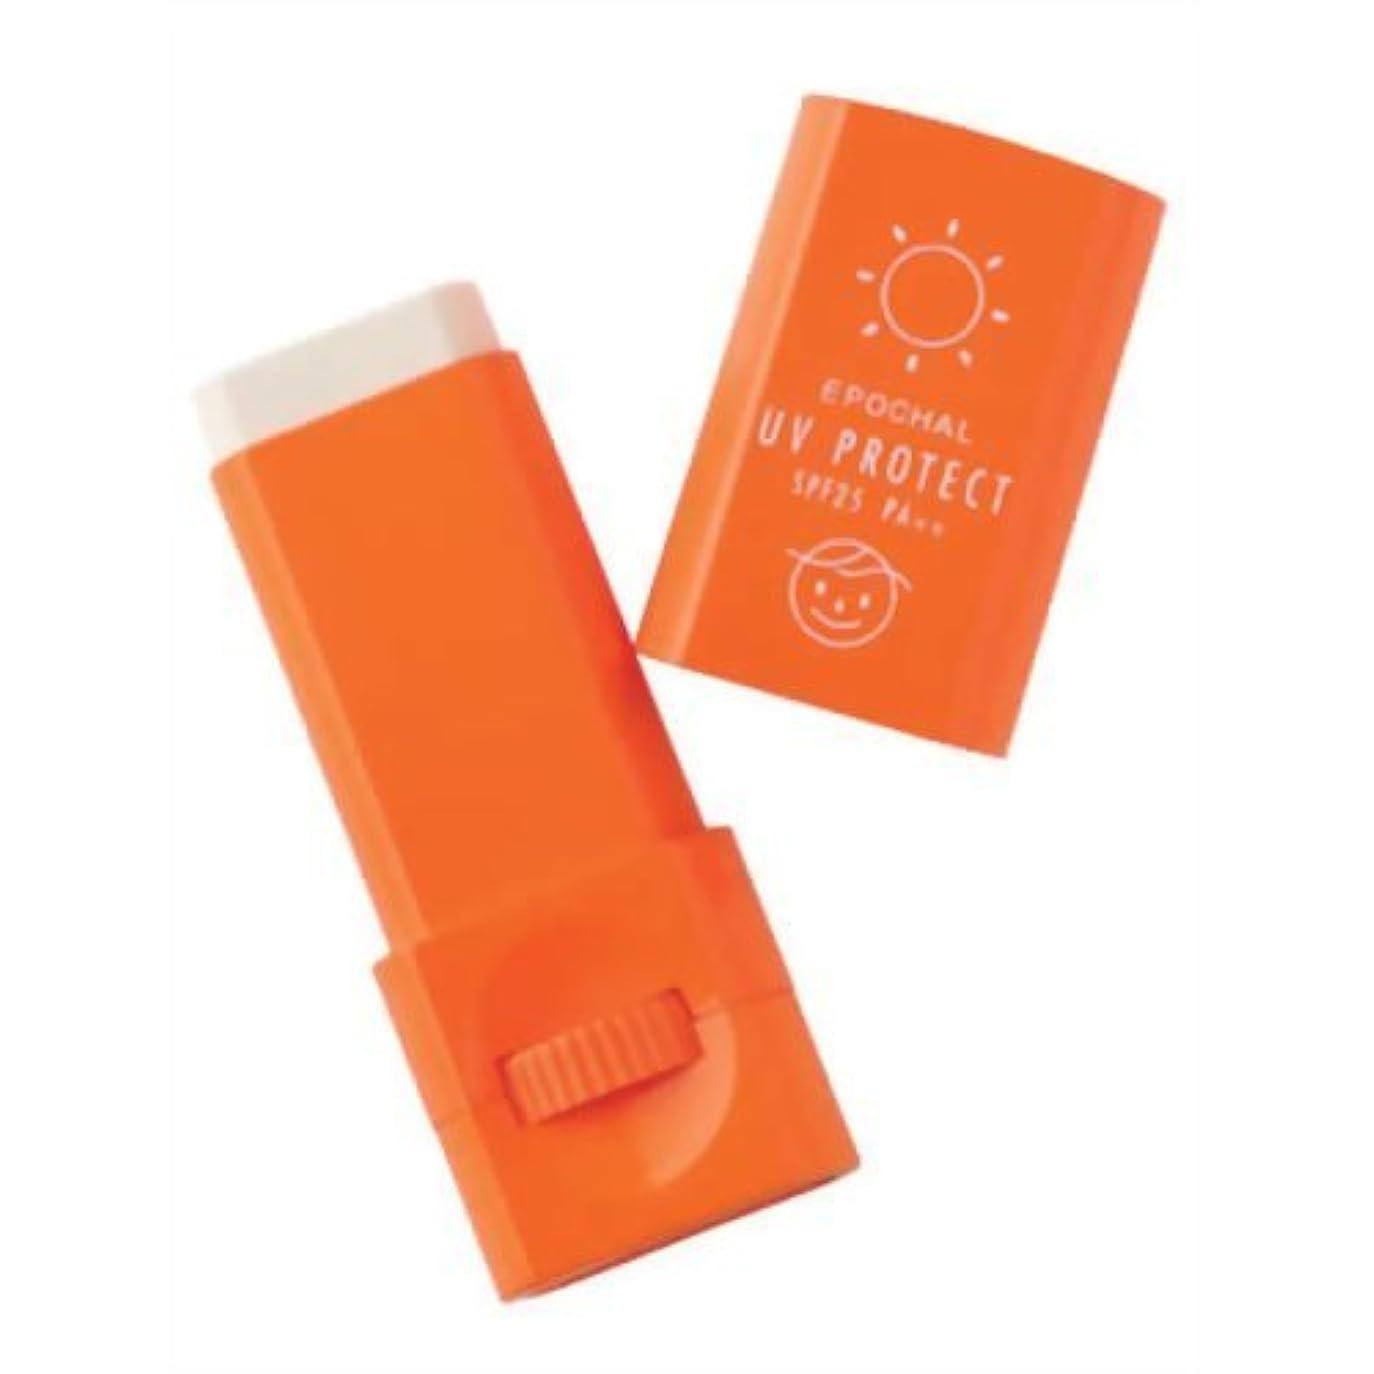 腰酸アクティブルバンシュ エポカル UVプロテクト 9.5g